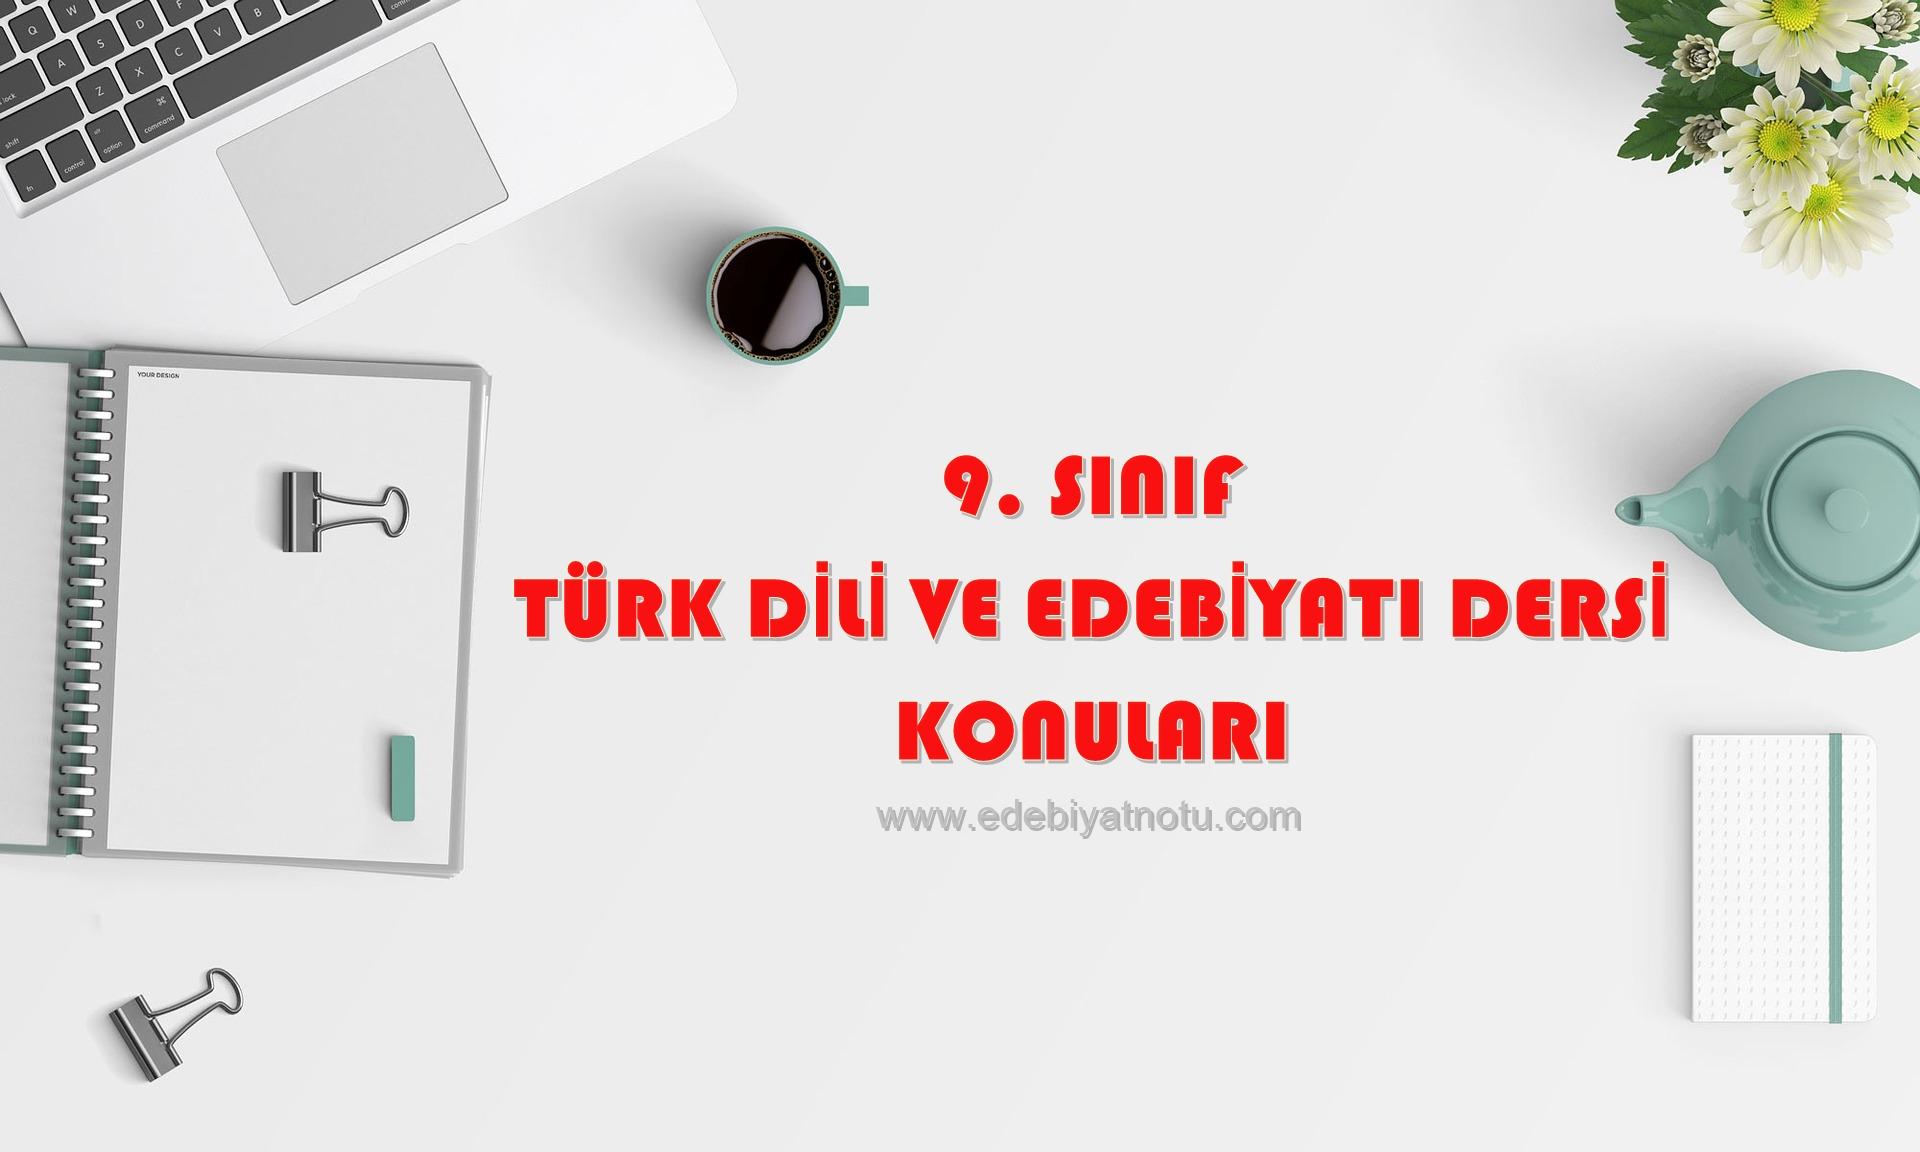 9. Sınıf Türk Dili ve Edebiyatı Dersi Konuları